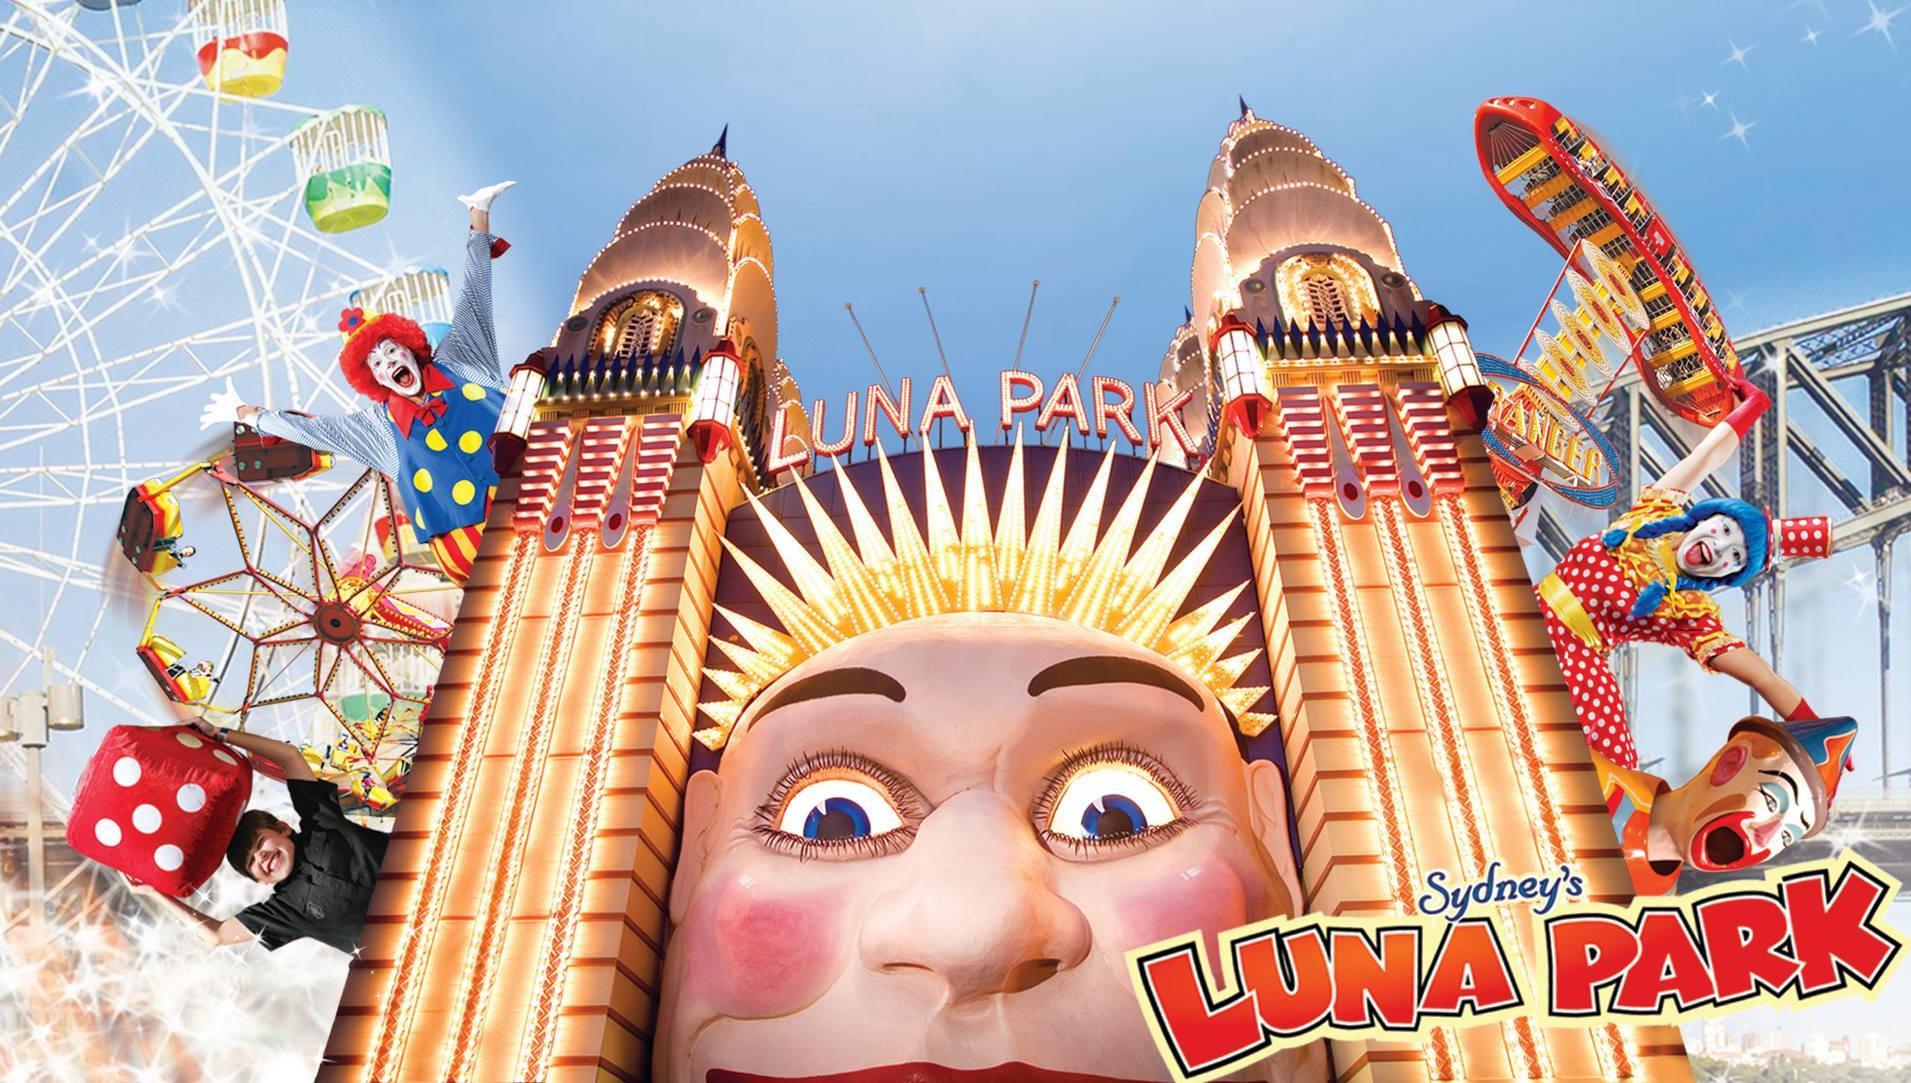 Luna Park Sydney investiert Mio. in neue 6 Fahrgeschäfte ... | 1911 x 1083 jpeg 606kB